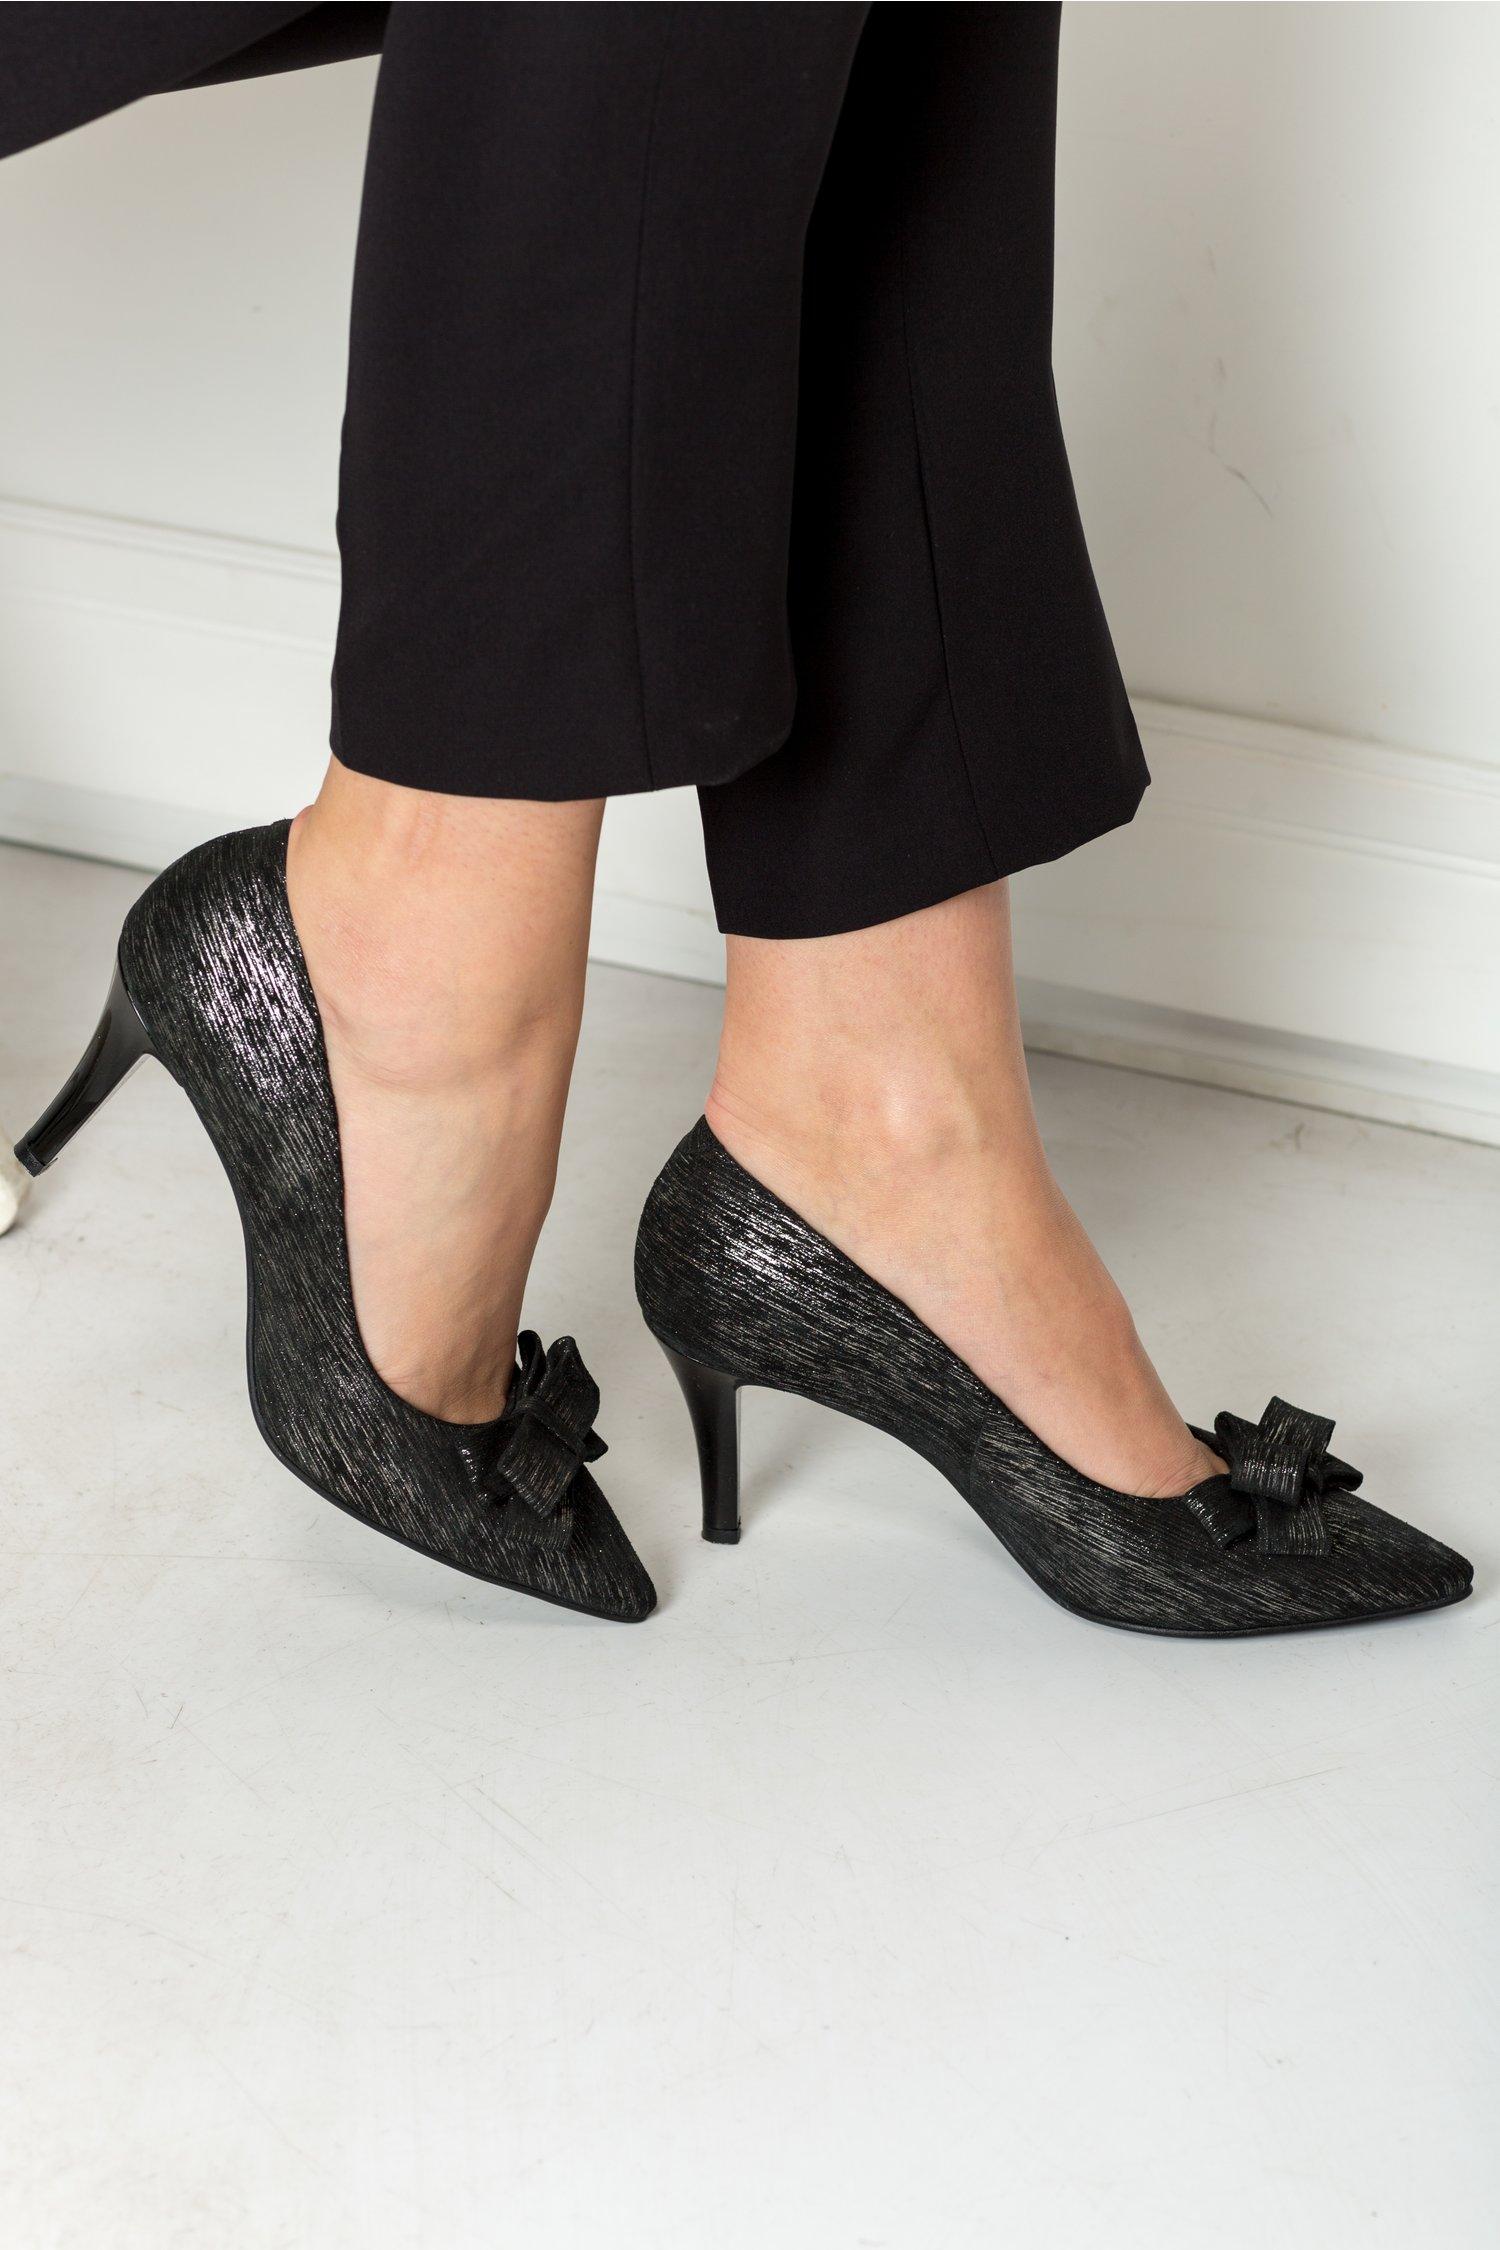 Pantofi stiletto negri cu funda si insertii aurii, colectia 2018